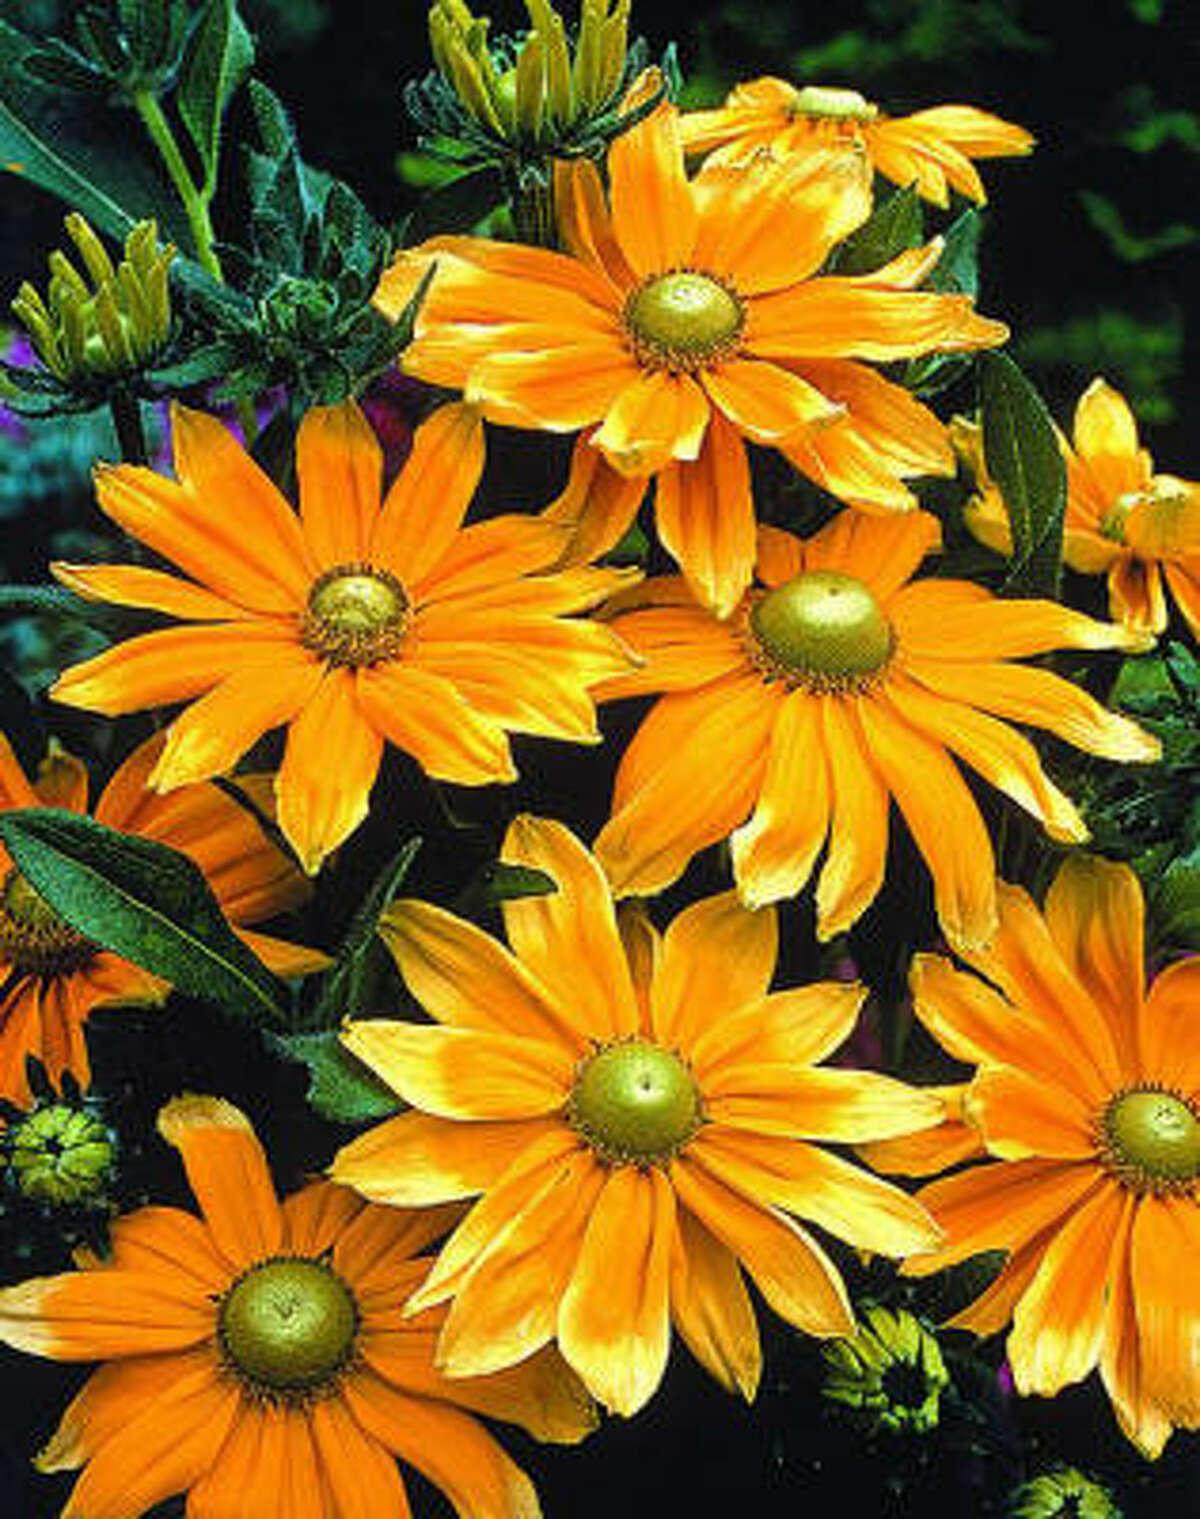 'Prairie Sun' rudbeckiaMore garden galleries: September reader photos | Creepy crawlies :: HoustonGrows.com